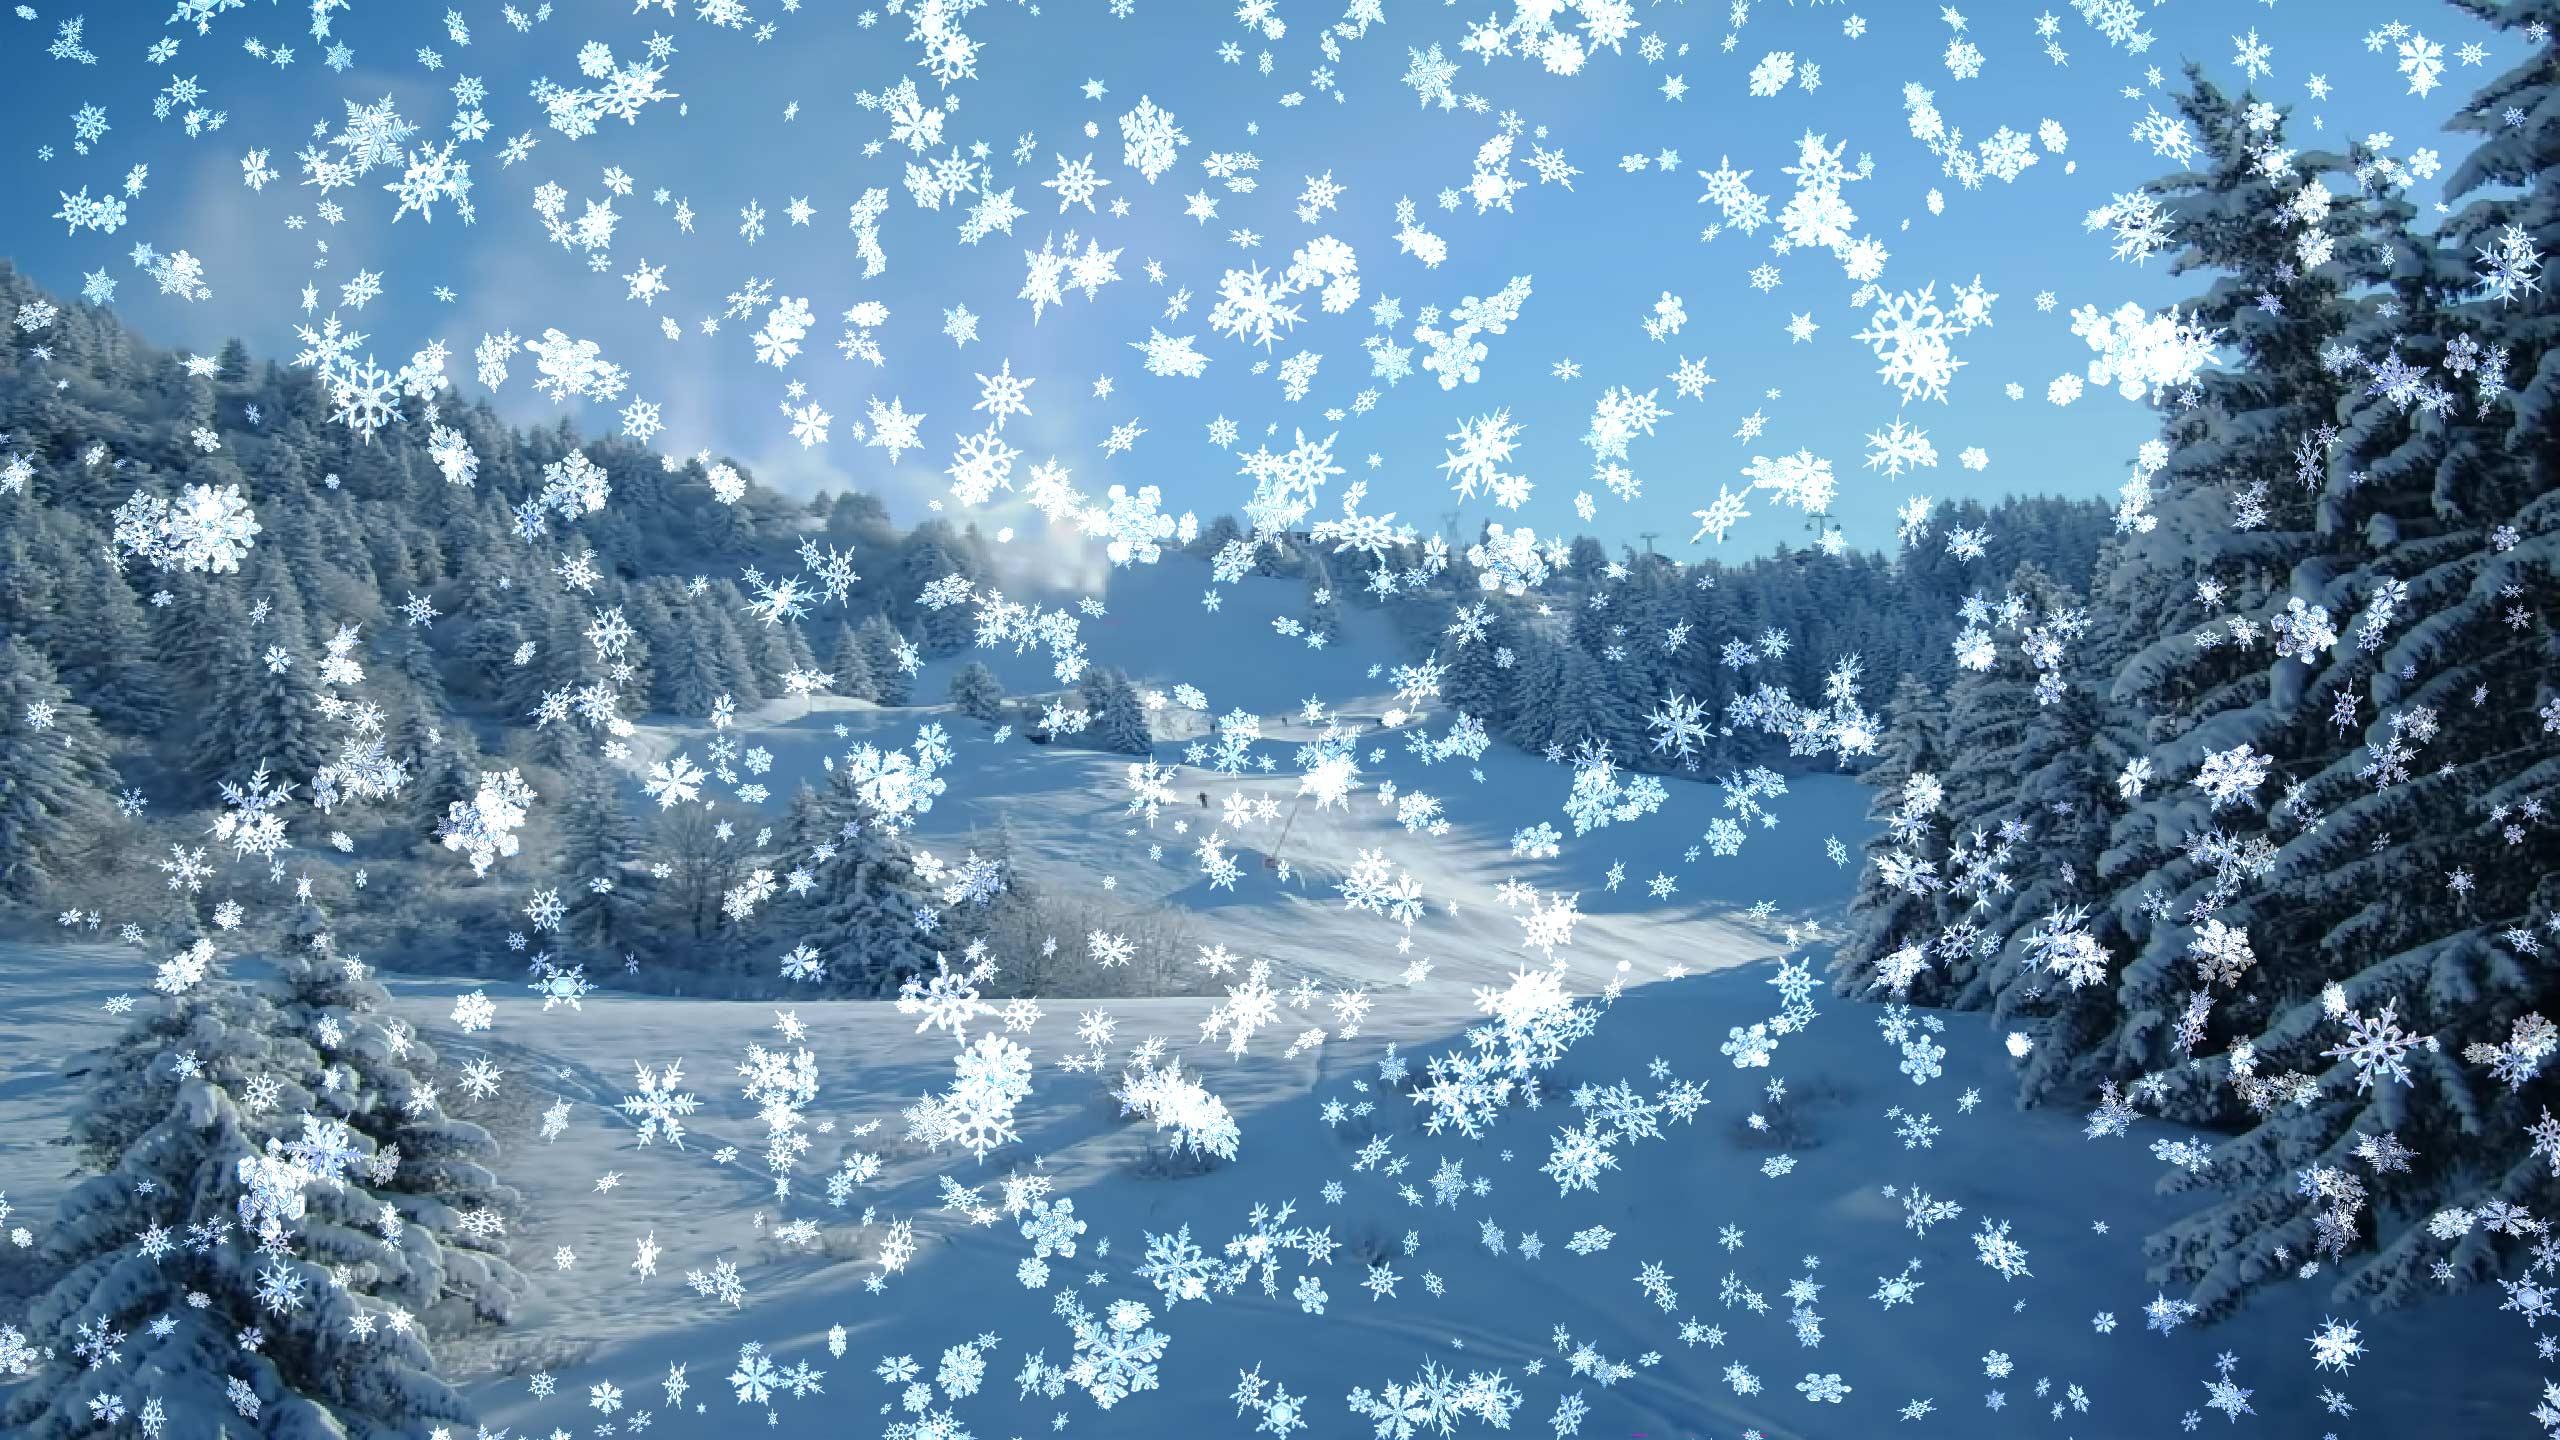 обои зима снежная на рабочий стол № 640799 бесплатно